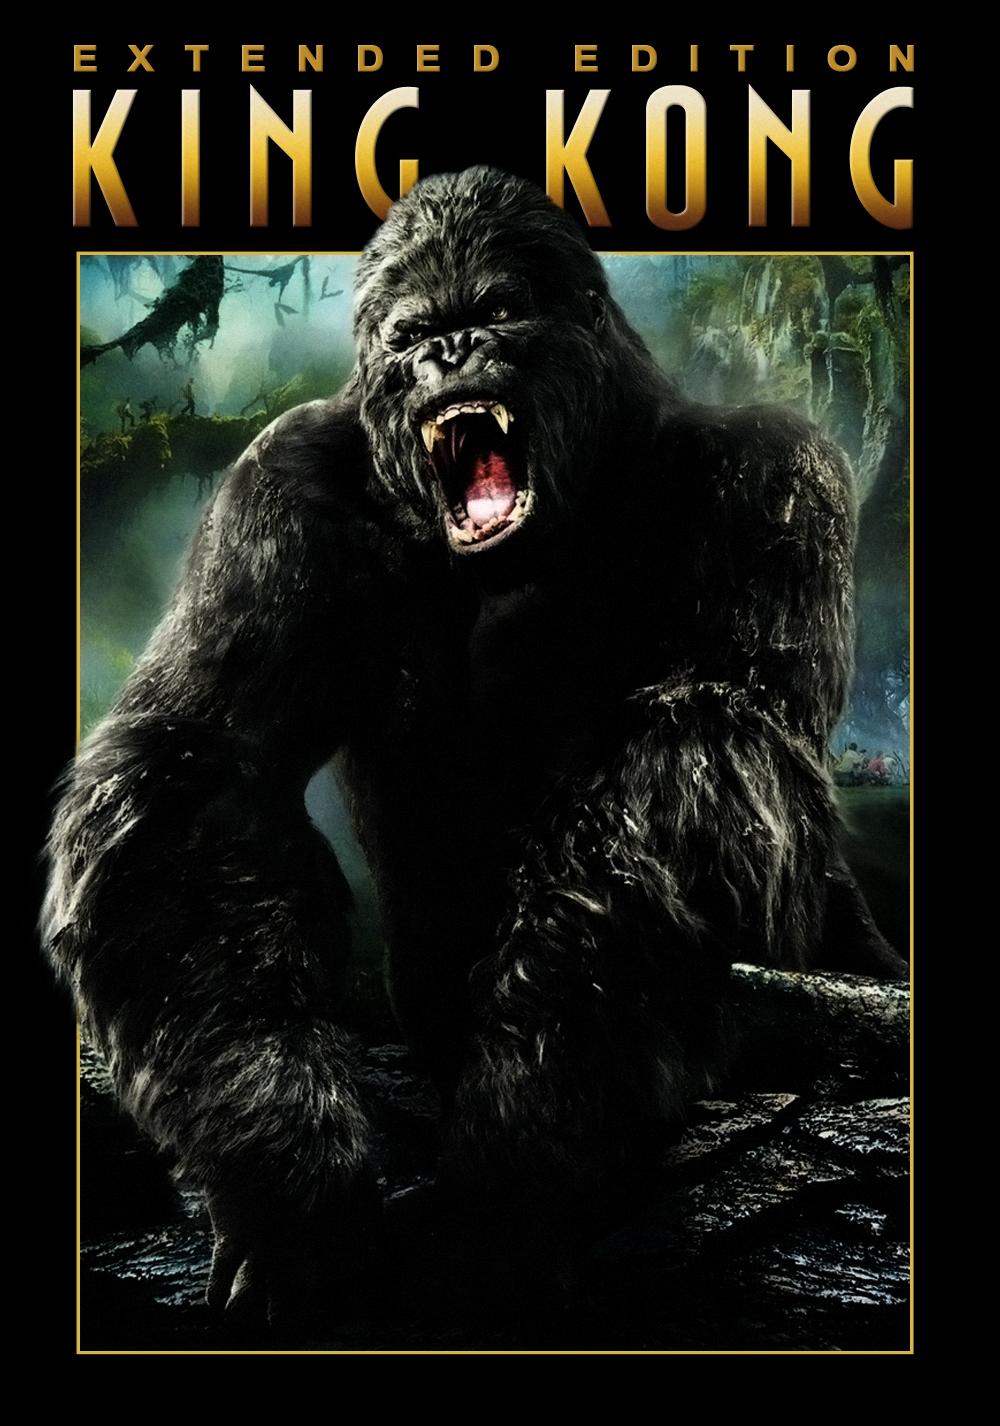 King Kong 2005 Art Id 98102 Art Abyss